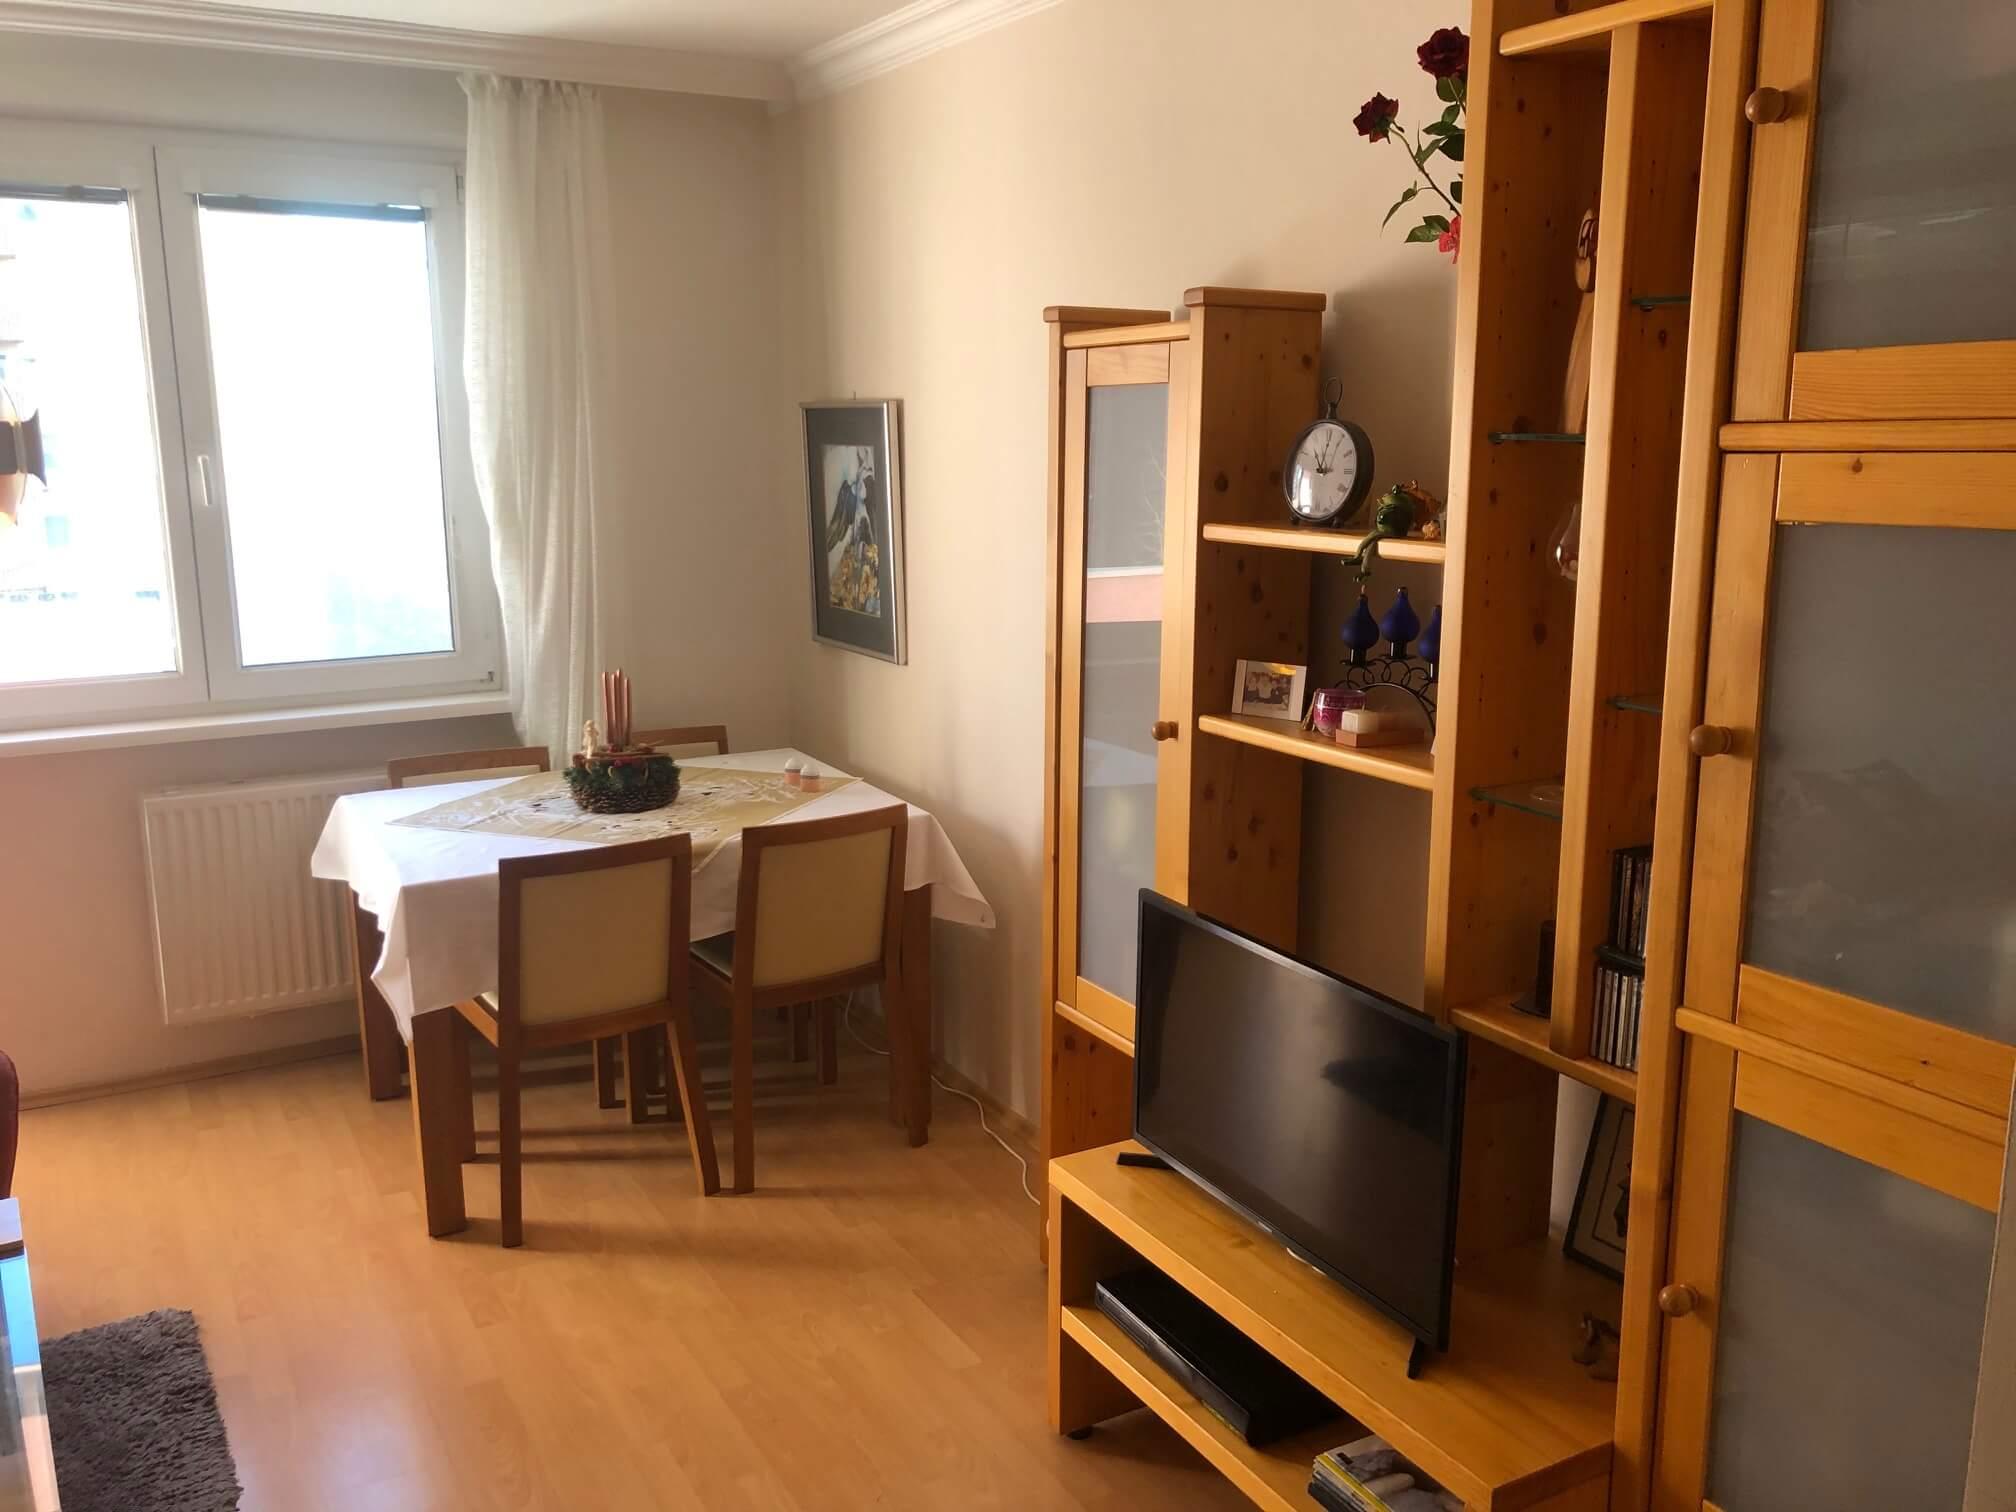 Predané: Exkluzívne na predaj 3 izbový byt, Devínska Nová Ves, Jána Poničana 3, 65m2, balkon 4m2,klimatizácia-51